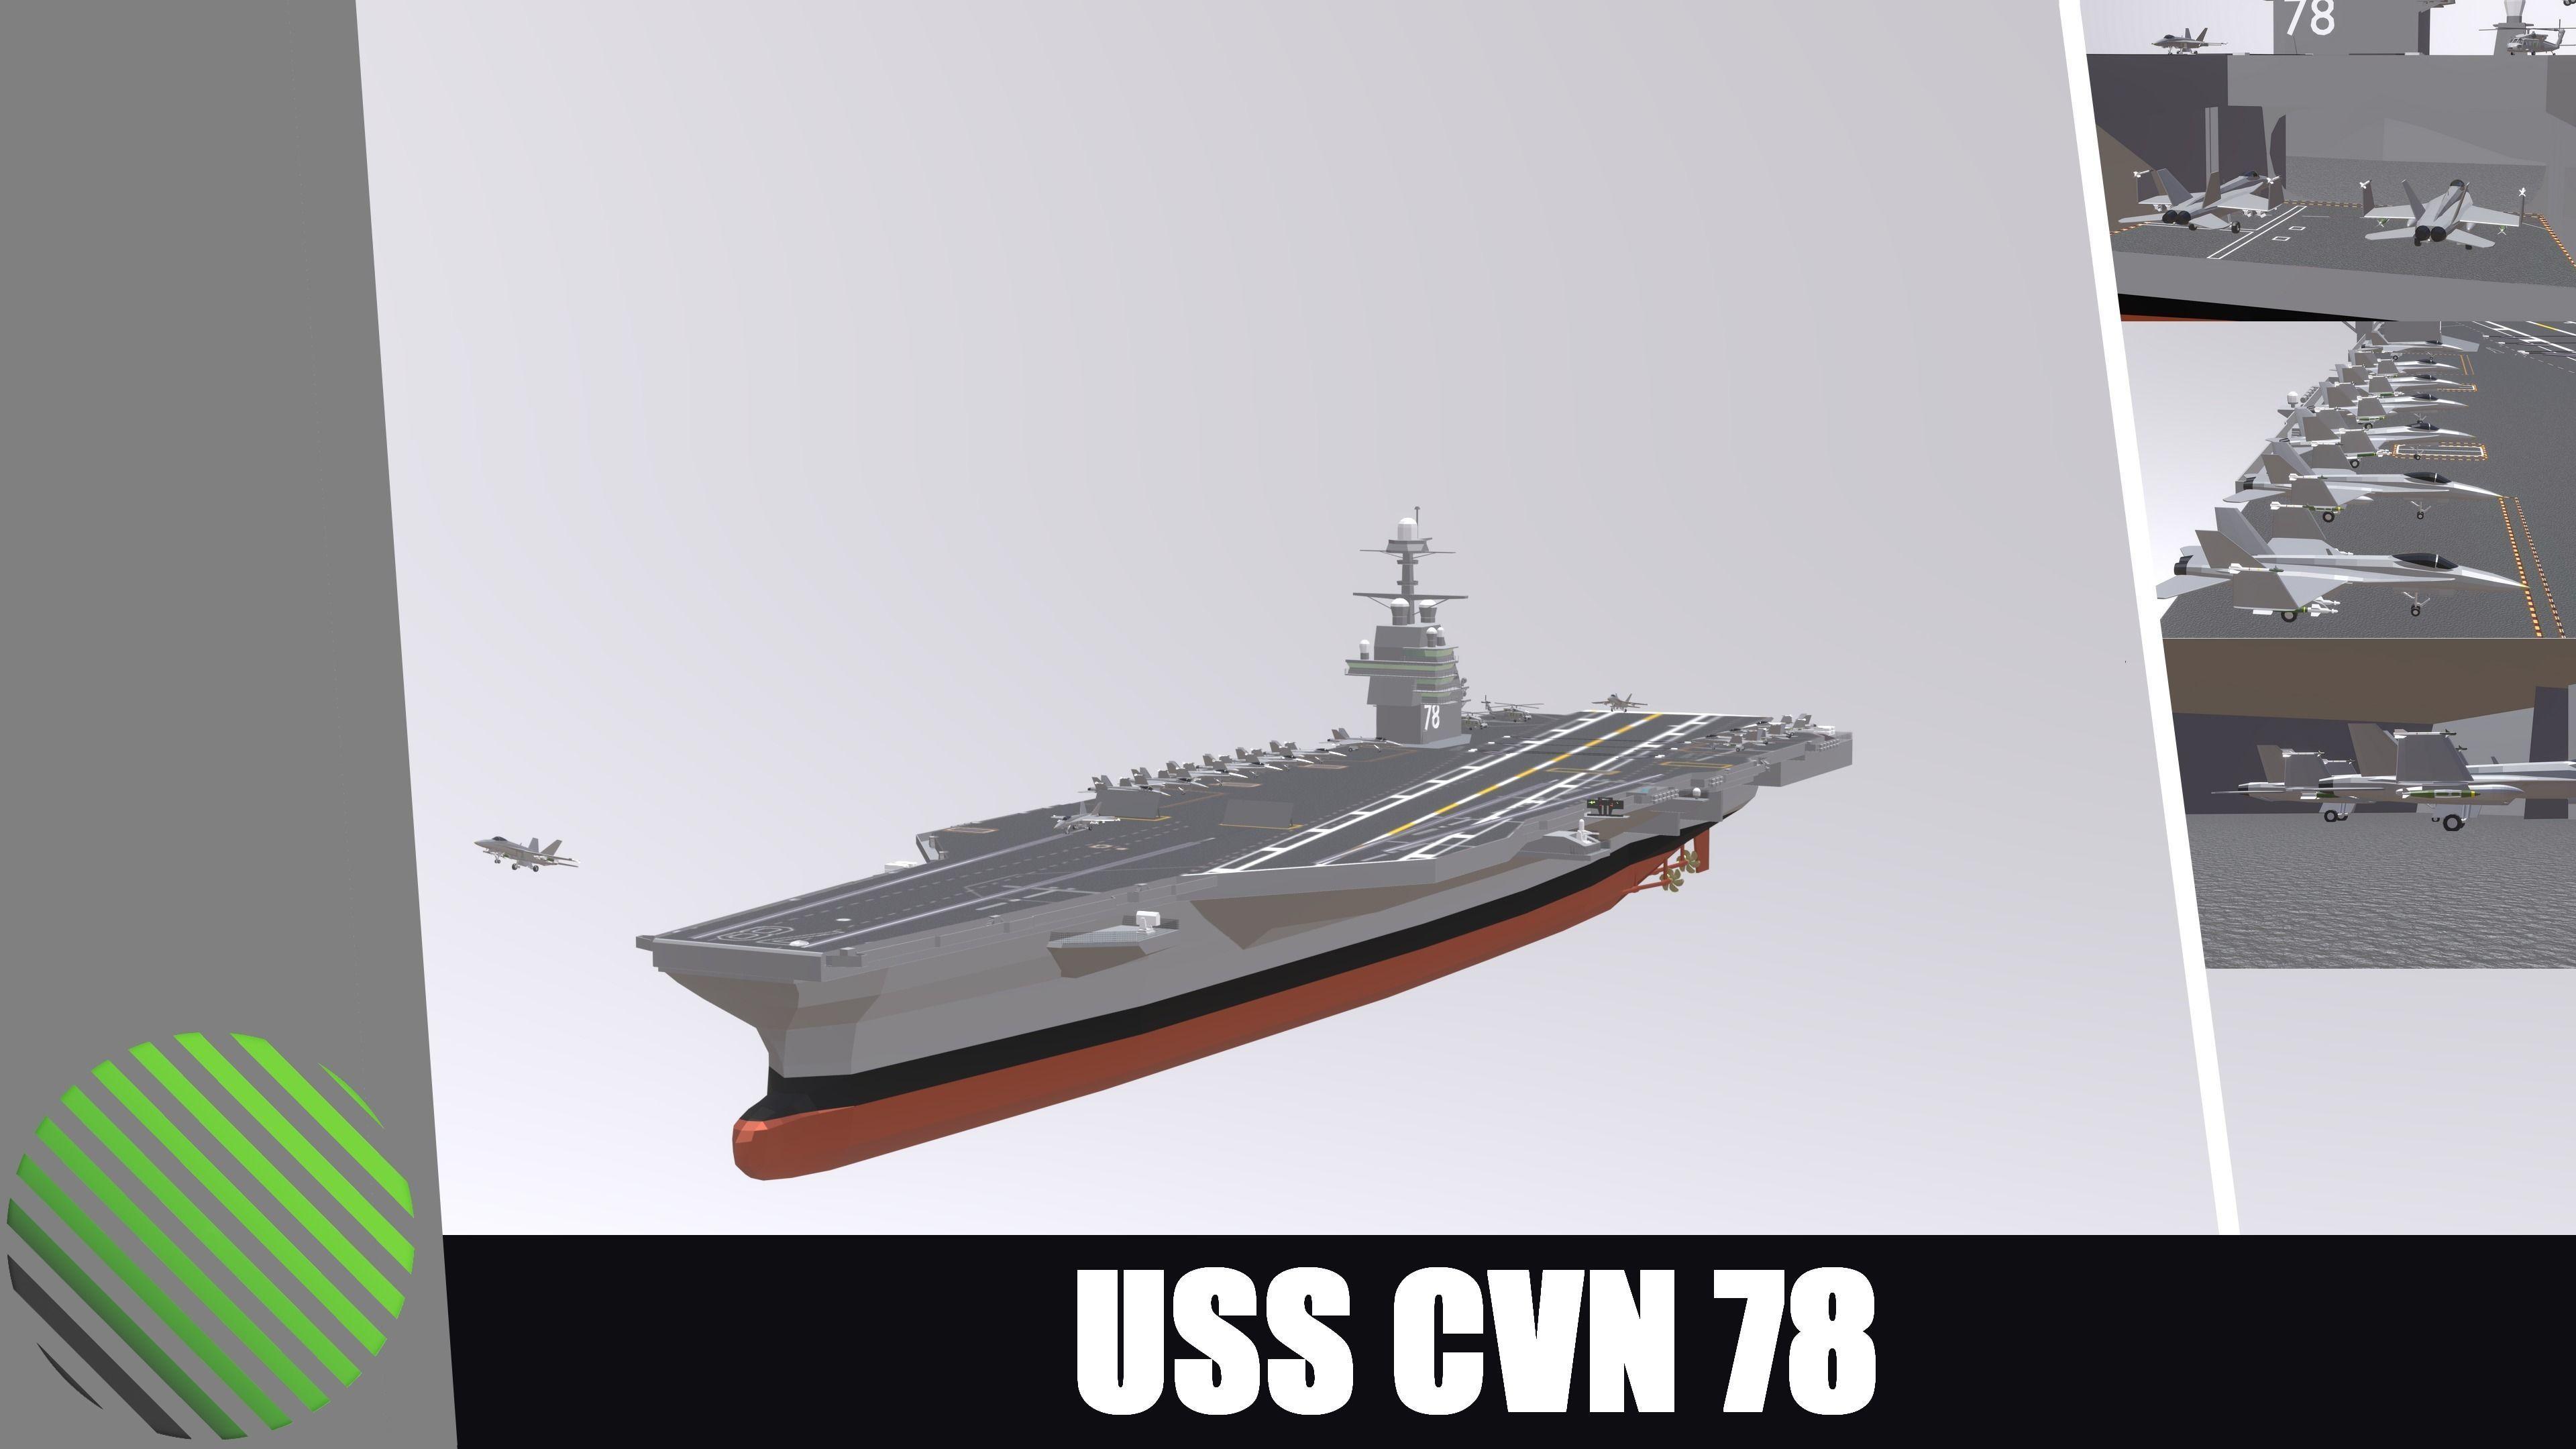 USS CVN 78 GERALD FORD